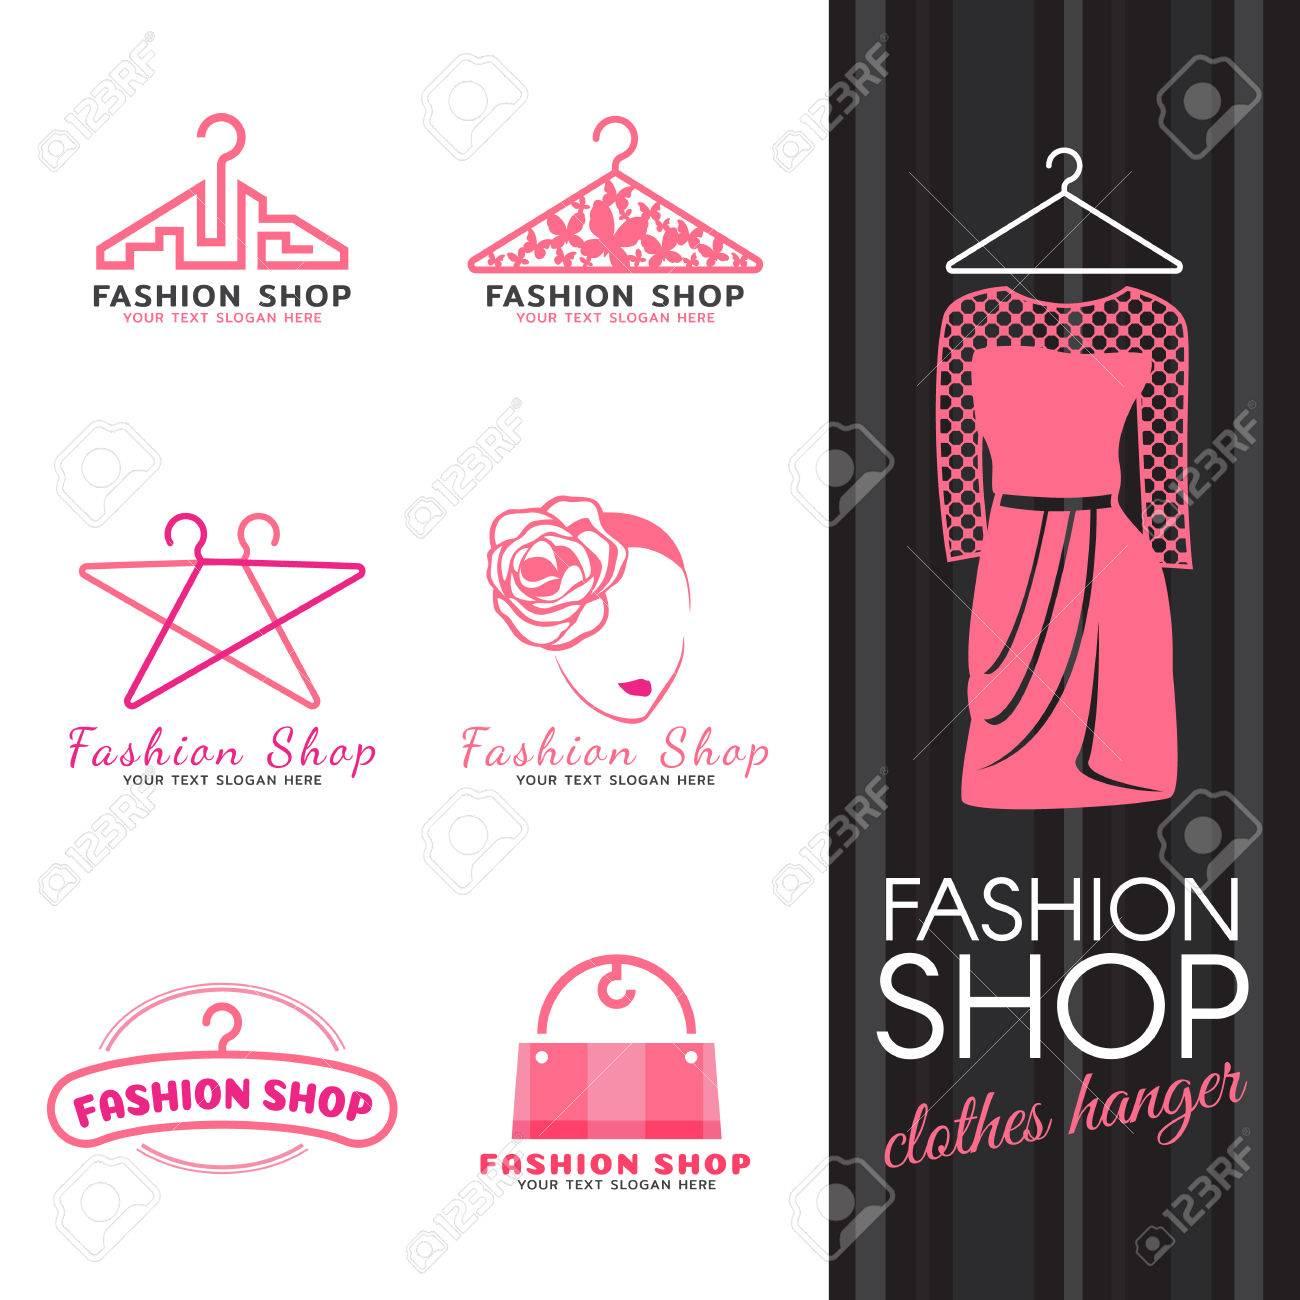 Tienda De Moda Logotipo - Ropa De Color Rosa Logotipo De La Percha Y ...